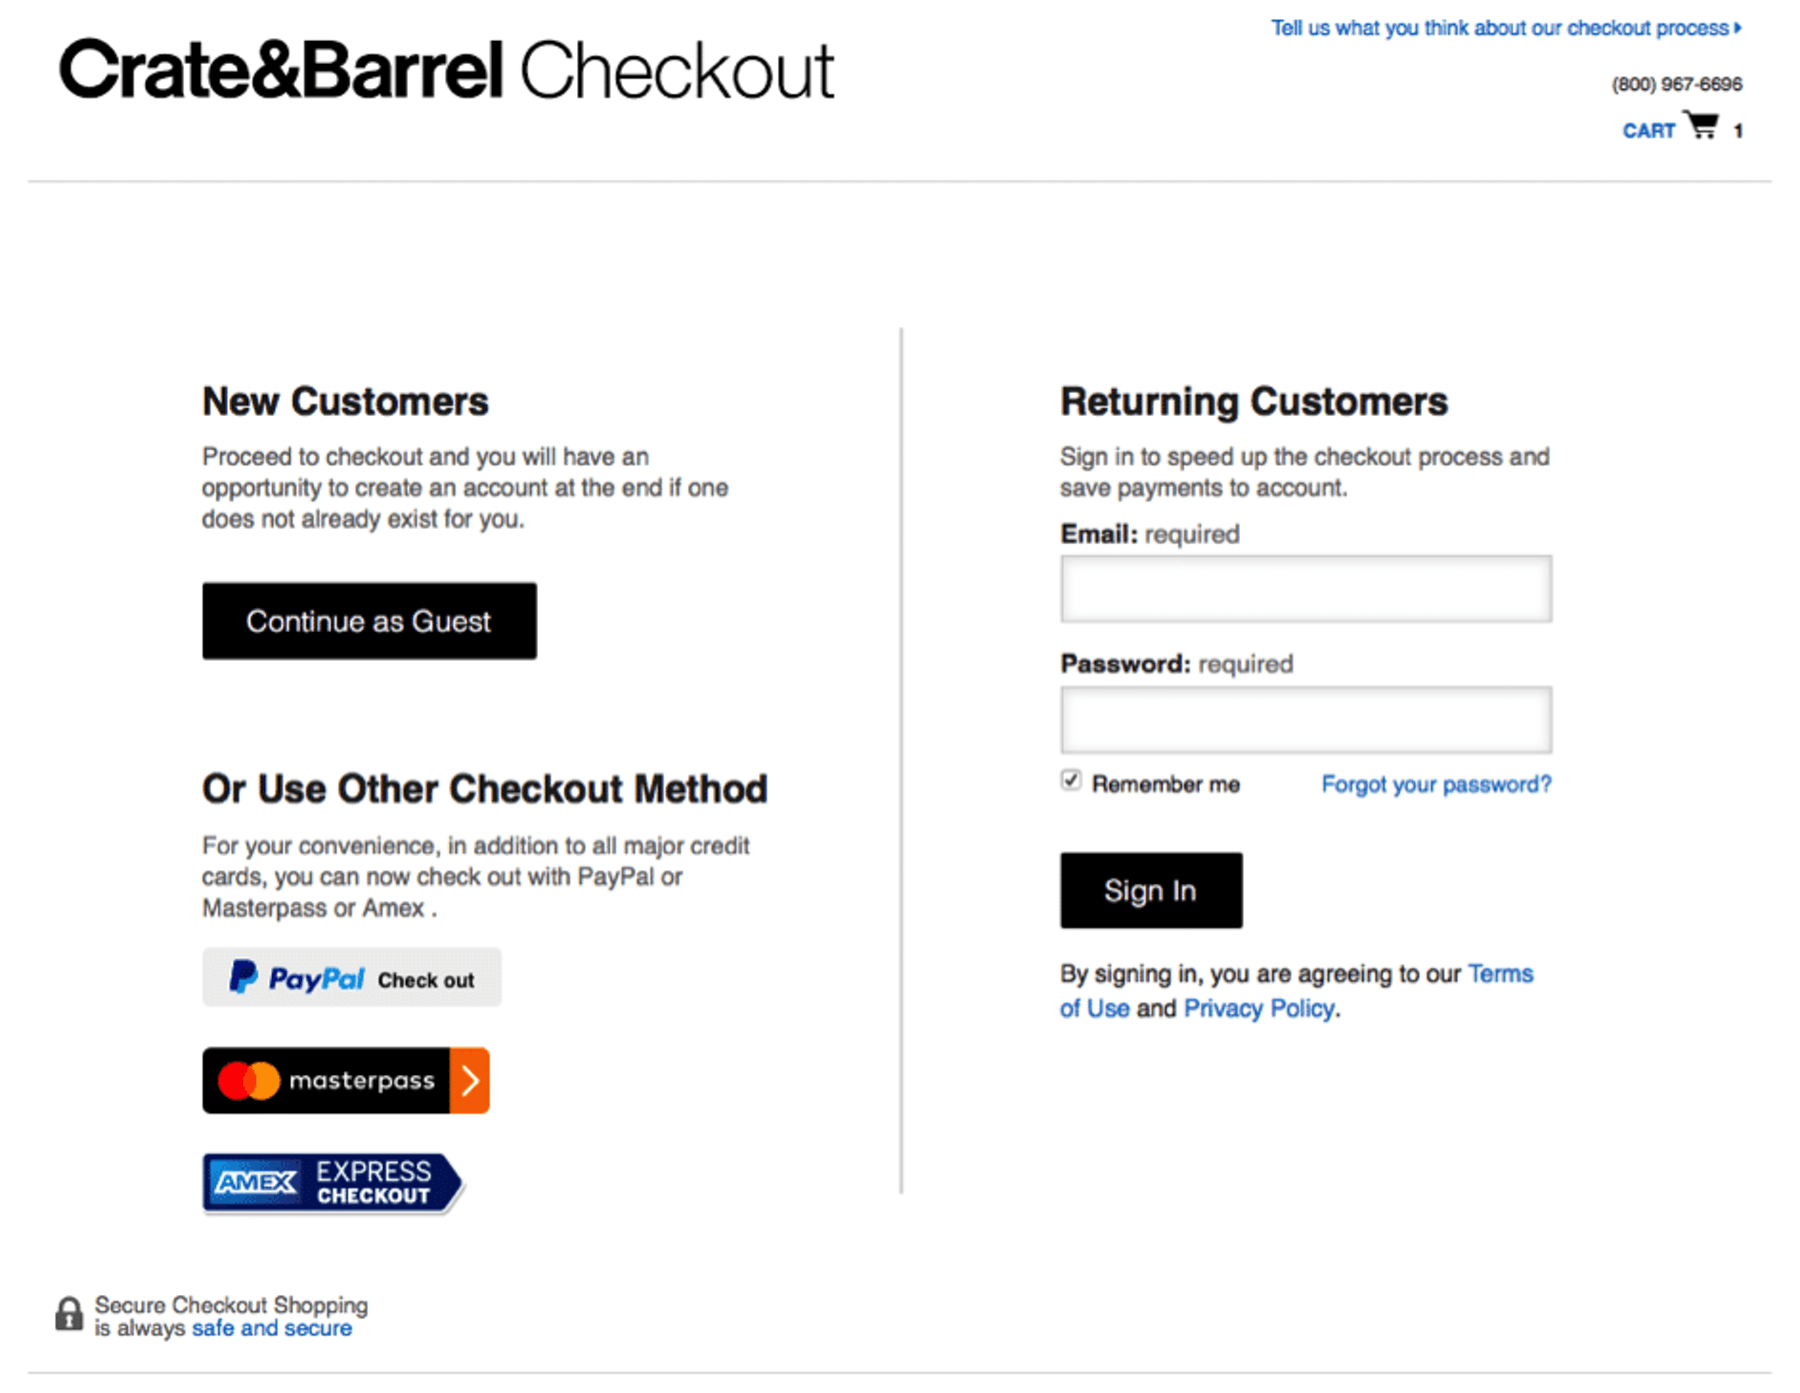 Alternative checkout options